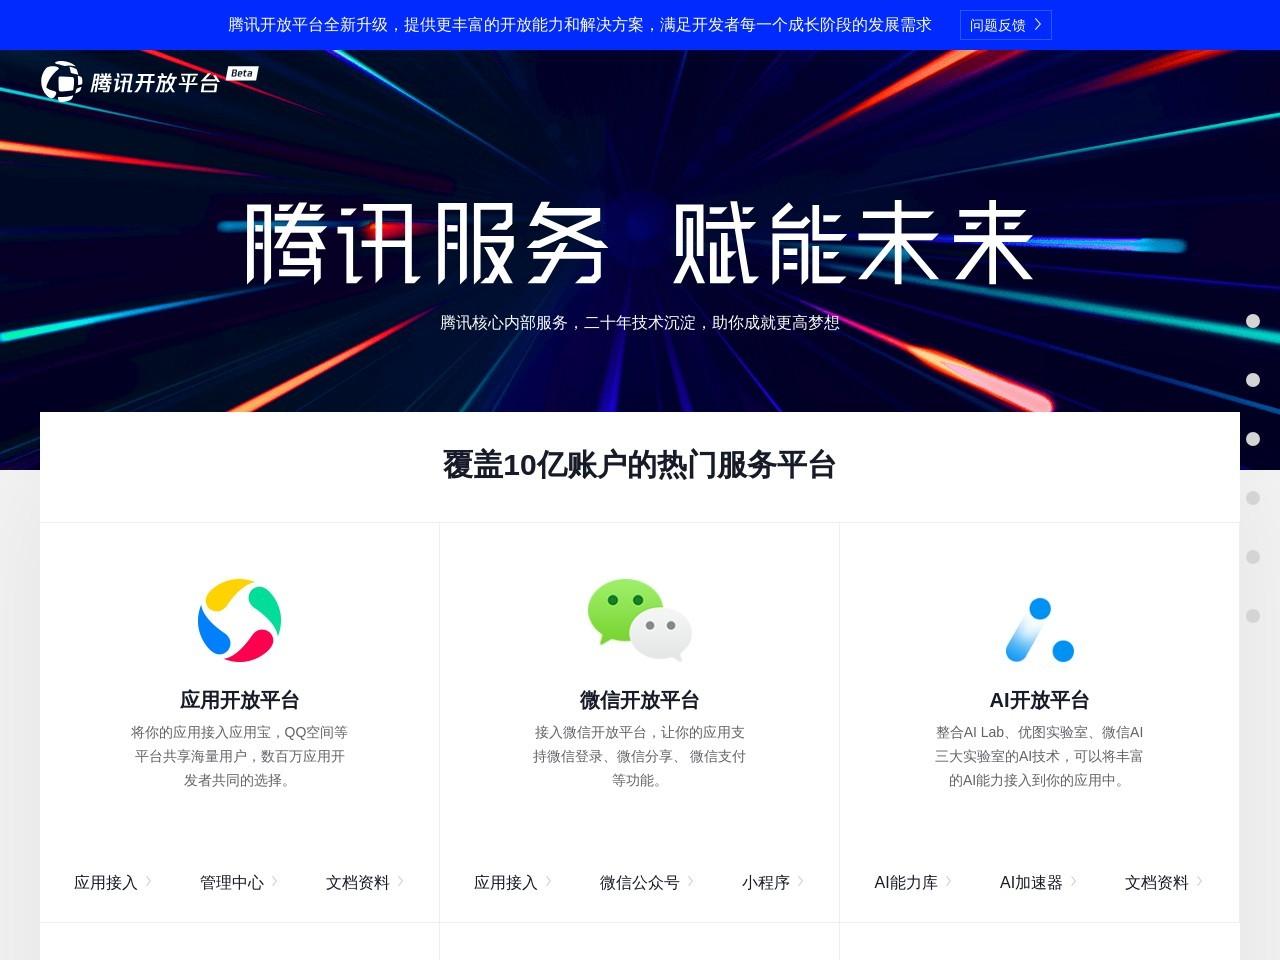 騰訊開放平臺截圖